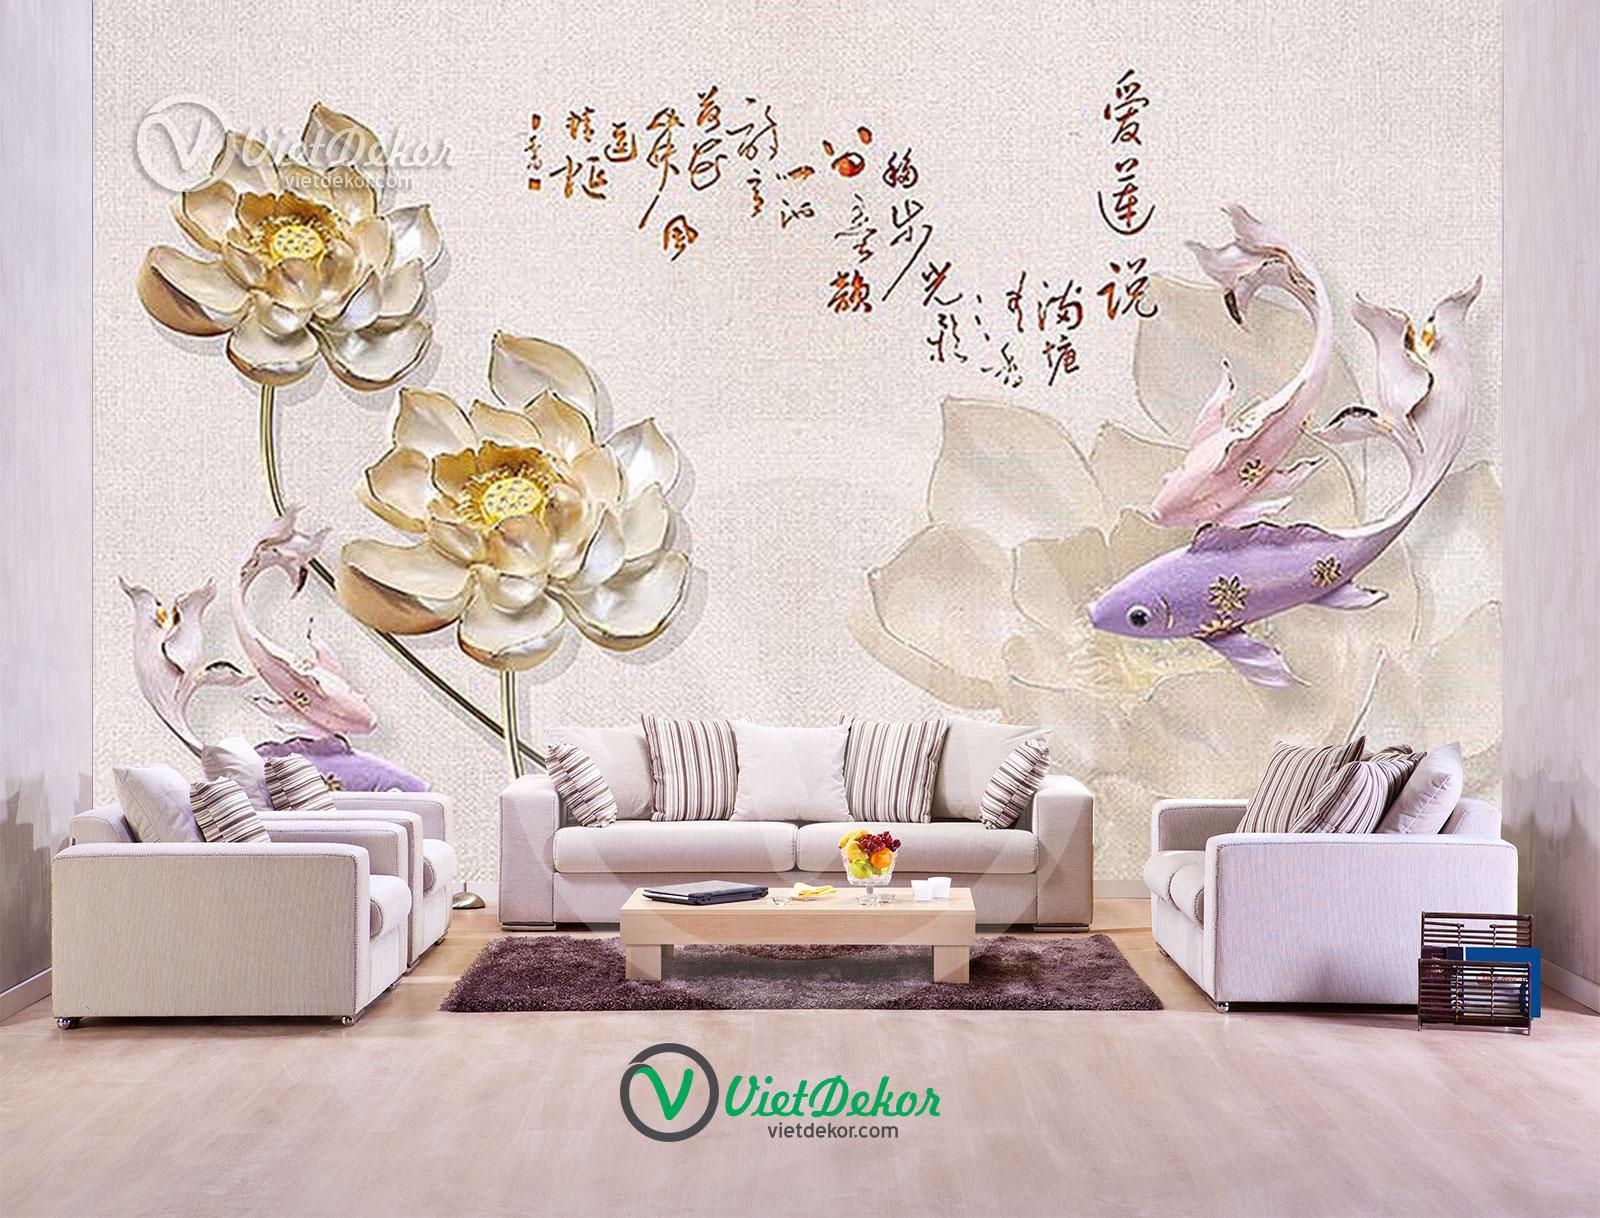 Tranh dán tường 3d hoa sen cá chép trang sức